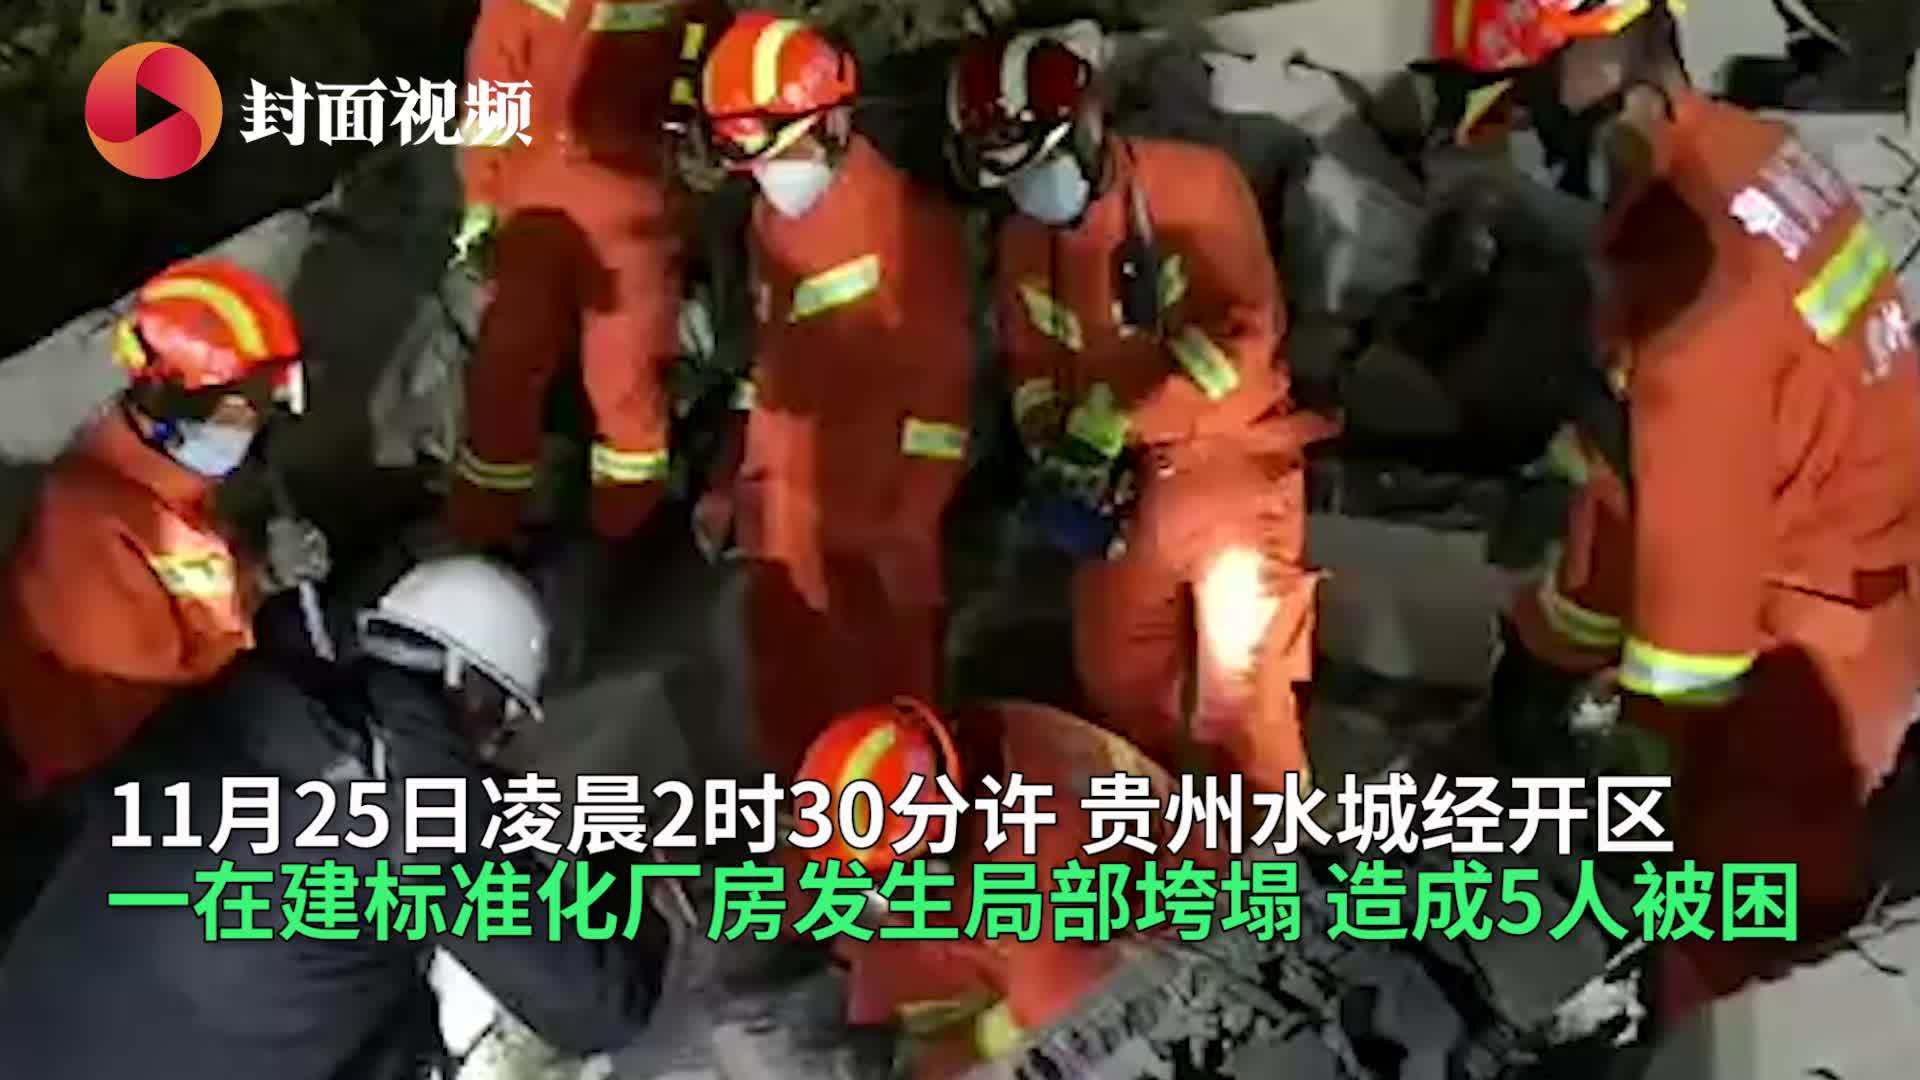 突发!贵州水城在建厂房发生局部垮塌五人被困 已致一人死亡